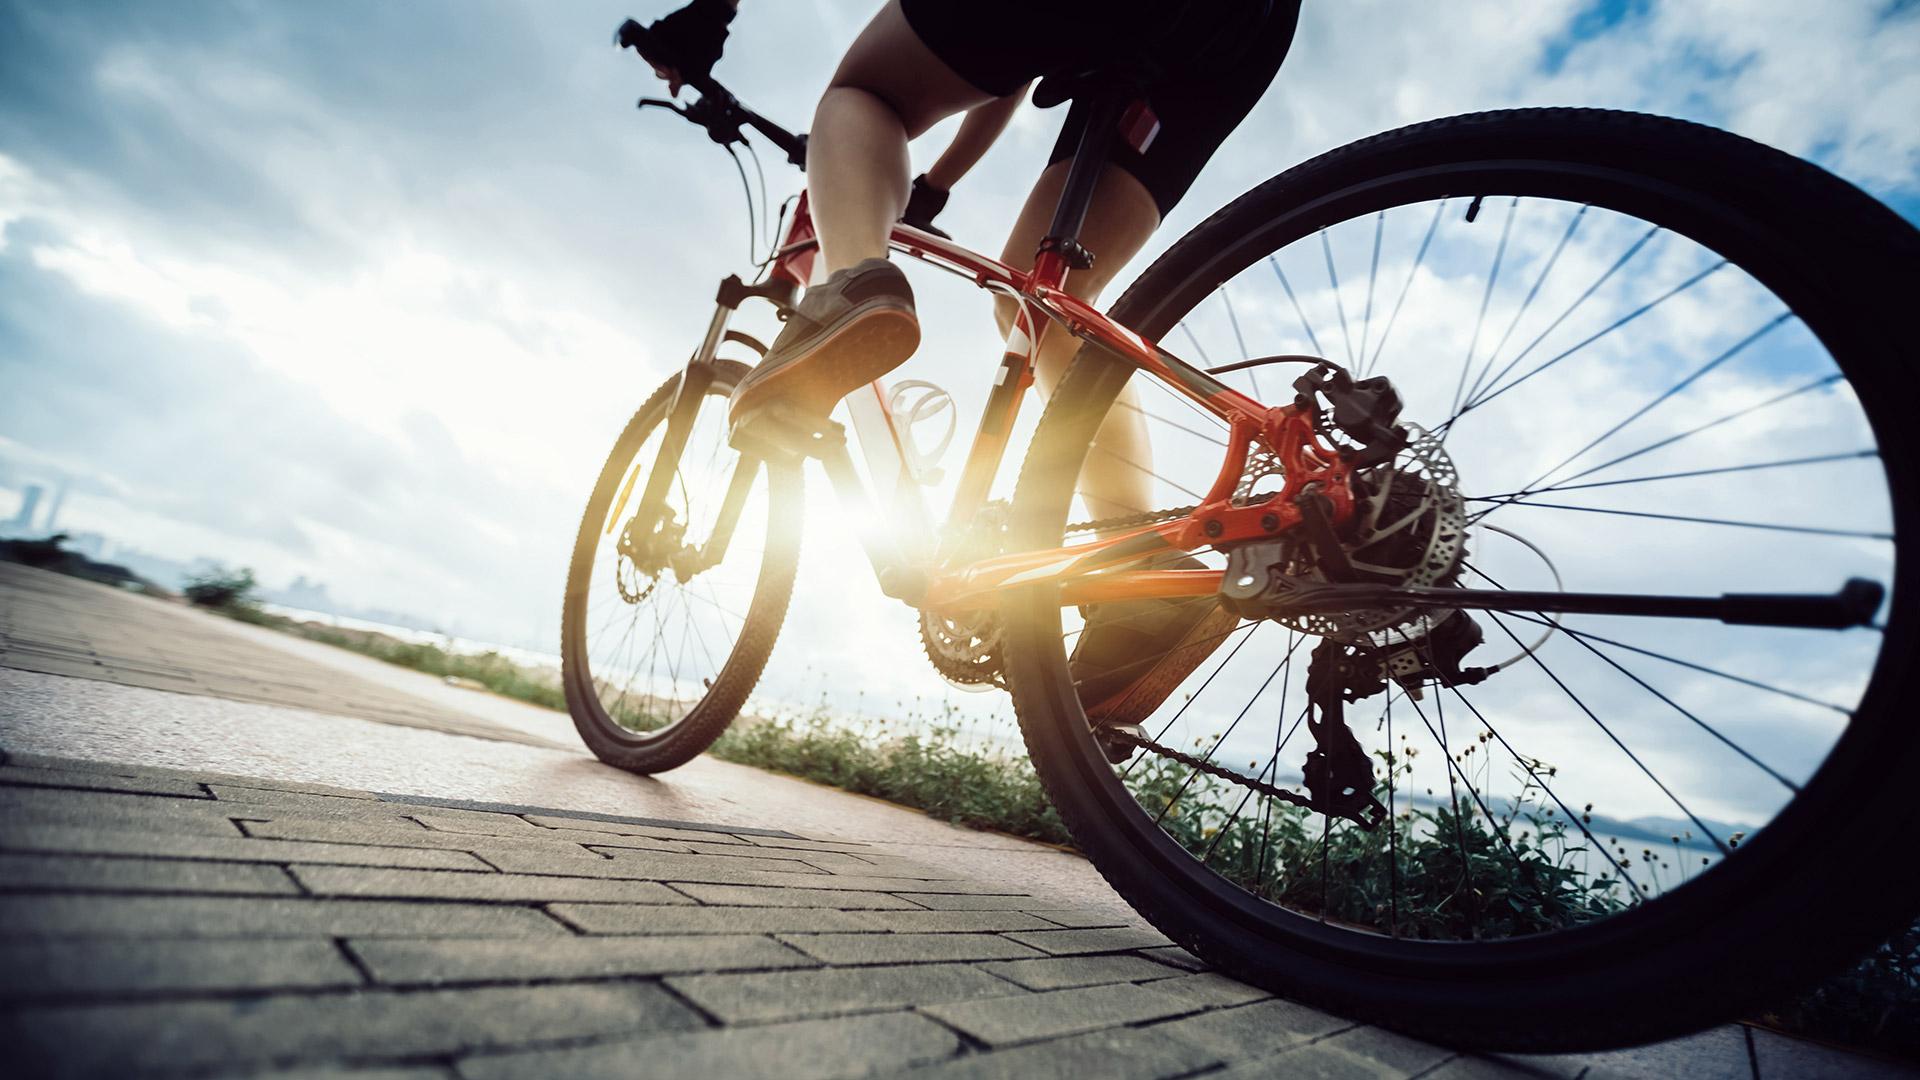 Conheça as melhores bicicletas para ciclismo do mercado (2021)